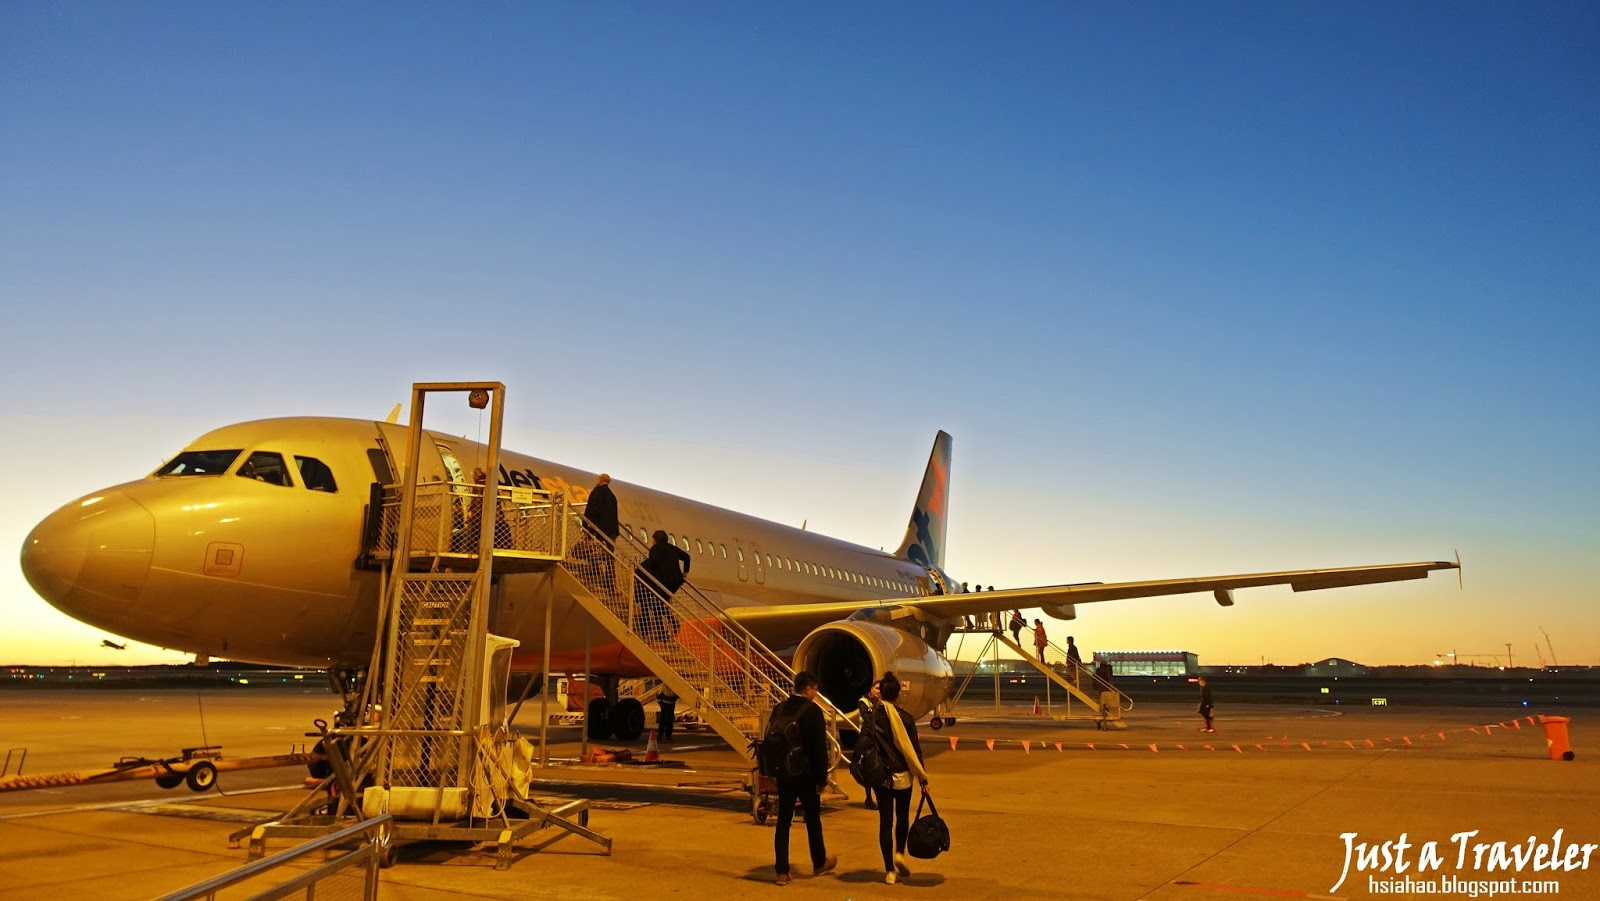 澳洲-廉航-廉價航空-布里斯本機場-塔斯馬尼亞-荷伯特機場-捷星-維珍-機票-訂票-Australia-Budget-Airline-Brisbane-Tasmania-Airport-Jetstar-Virgin